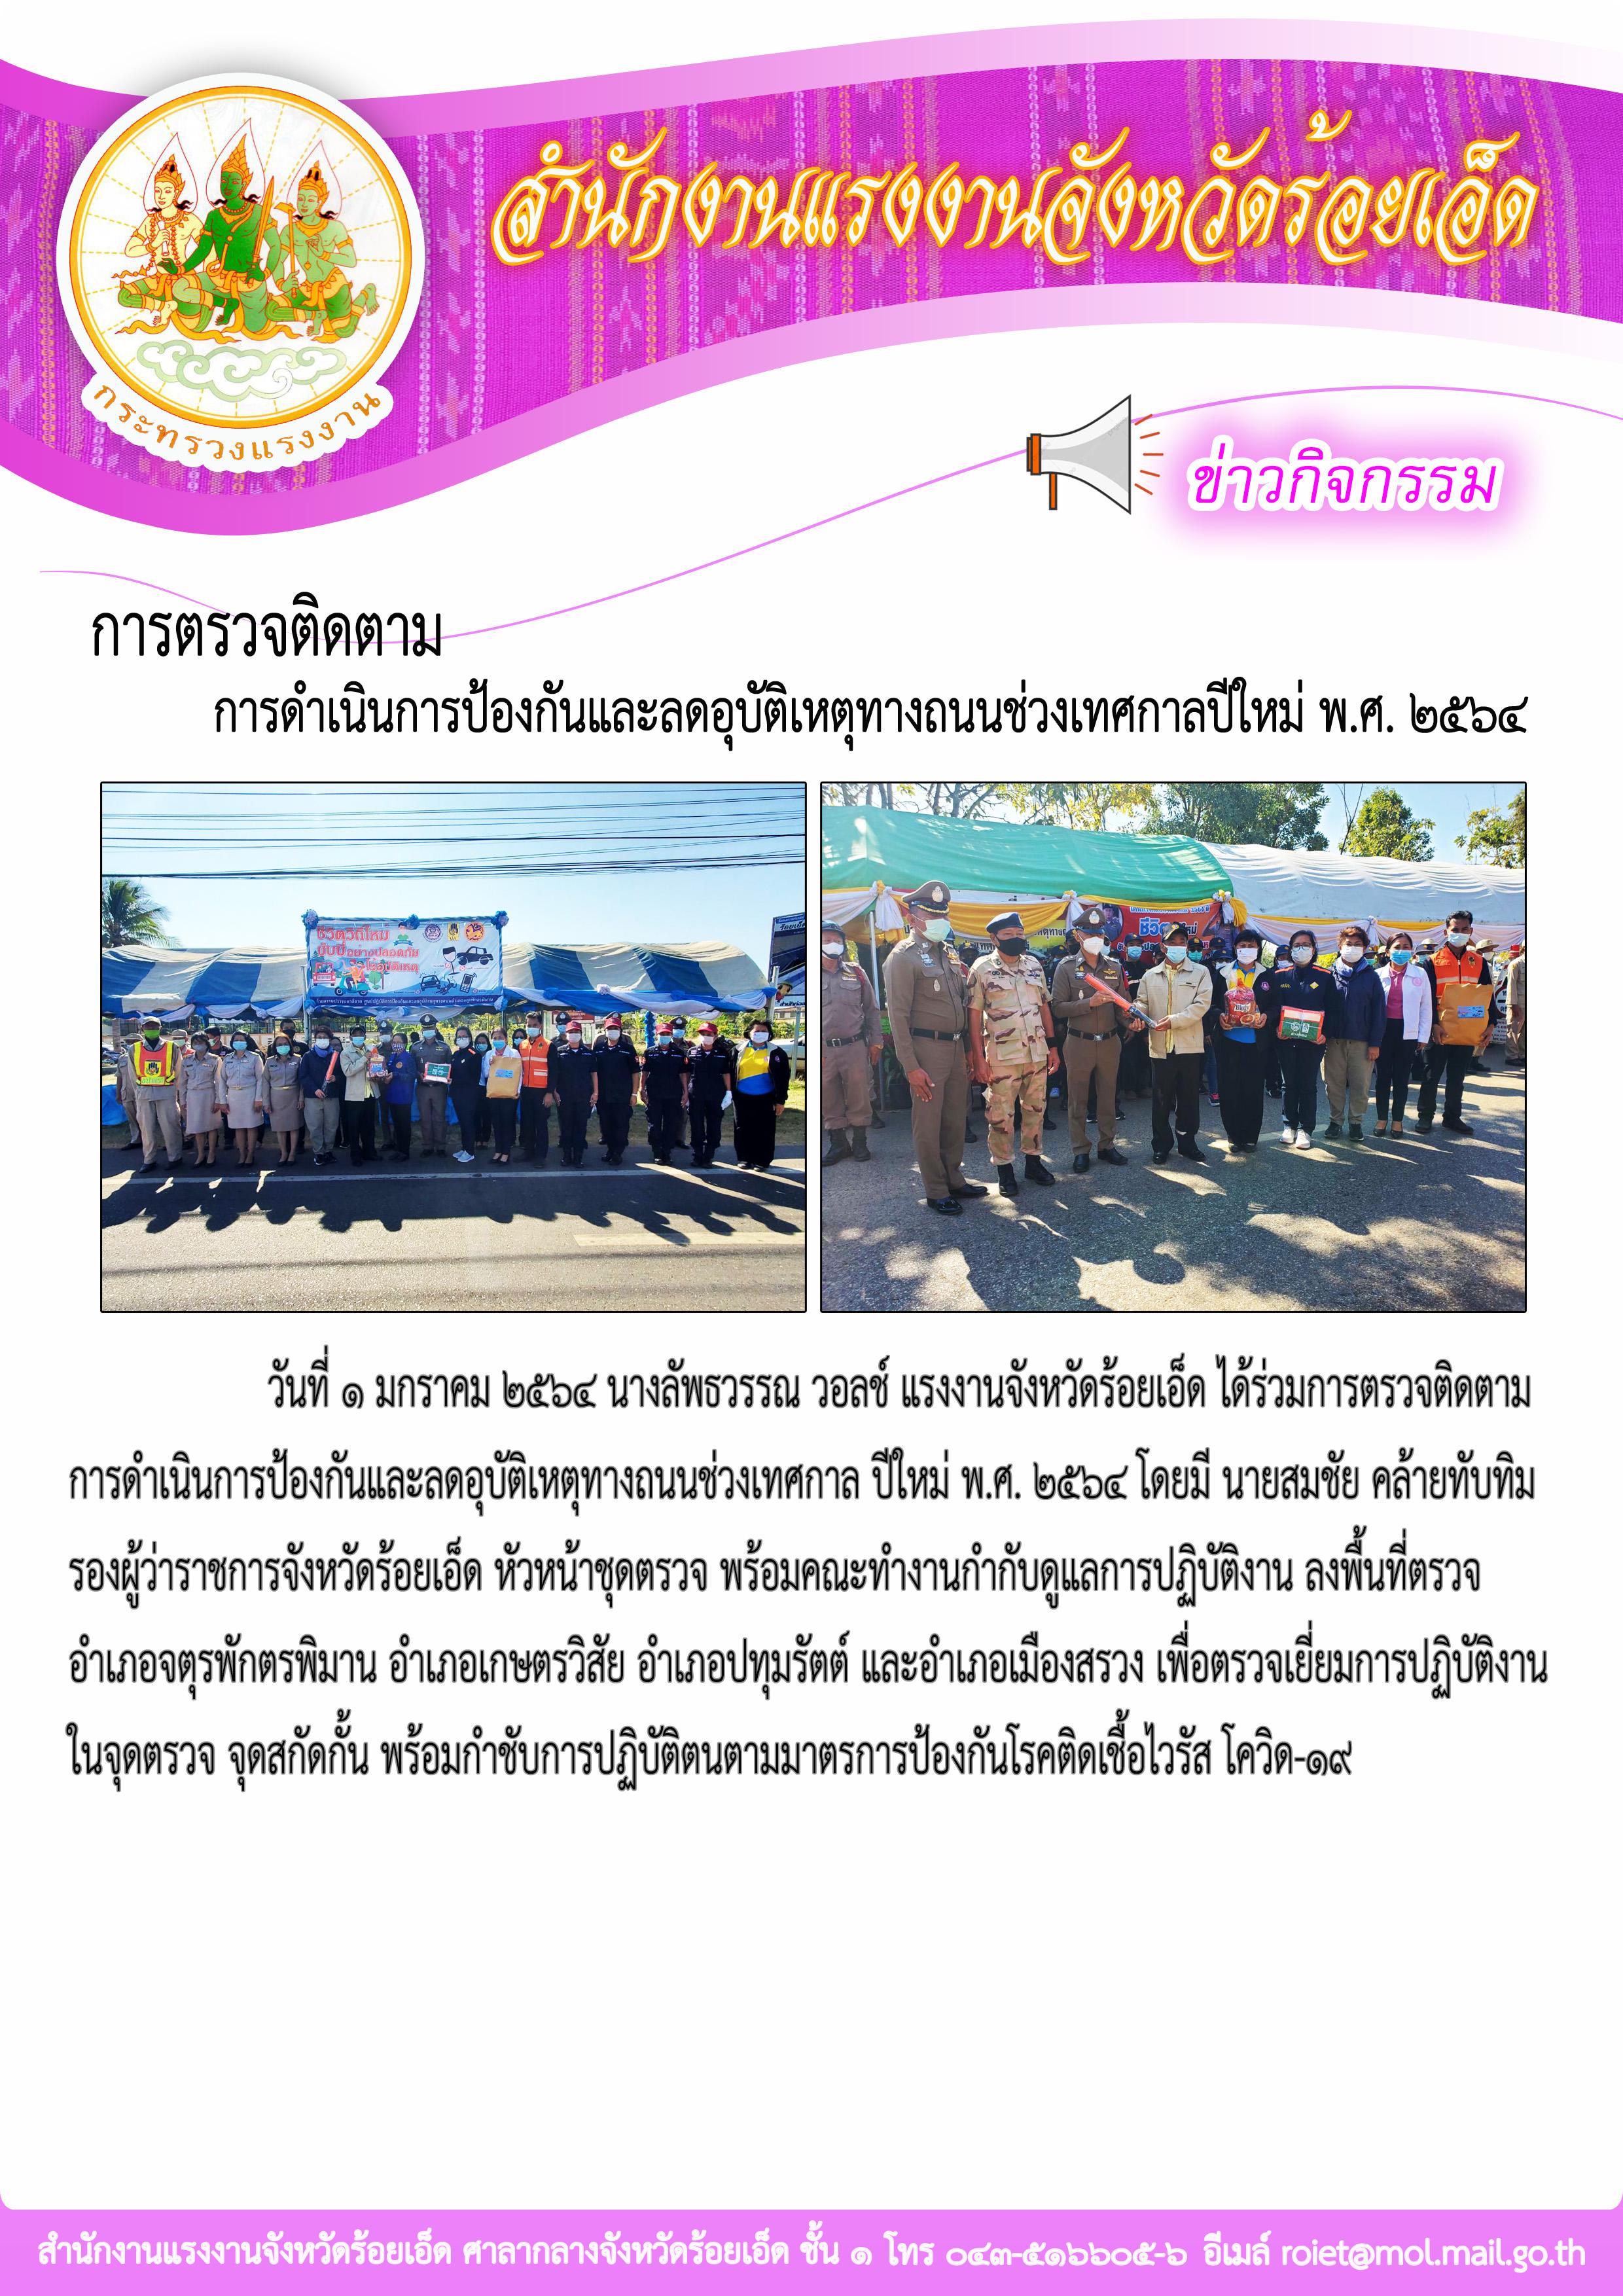 แรงงานจังหวัดร้อยเอ็ด (นางลัพธวรรณ วอลช์) ร่วมการตรวจติดตามการดำเนินการป้องกันและลดอุบัติเหตุทางถนนช่วงเทศกาลปีใหม่ 2564